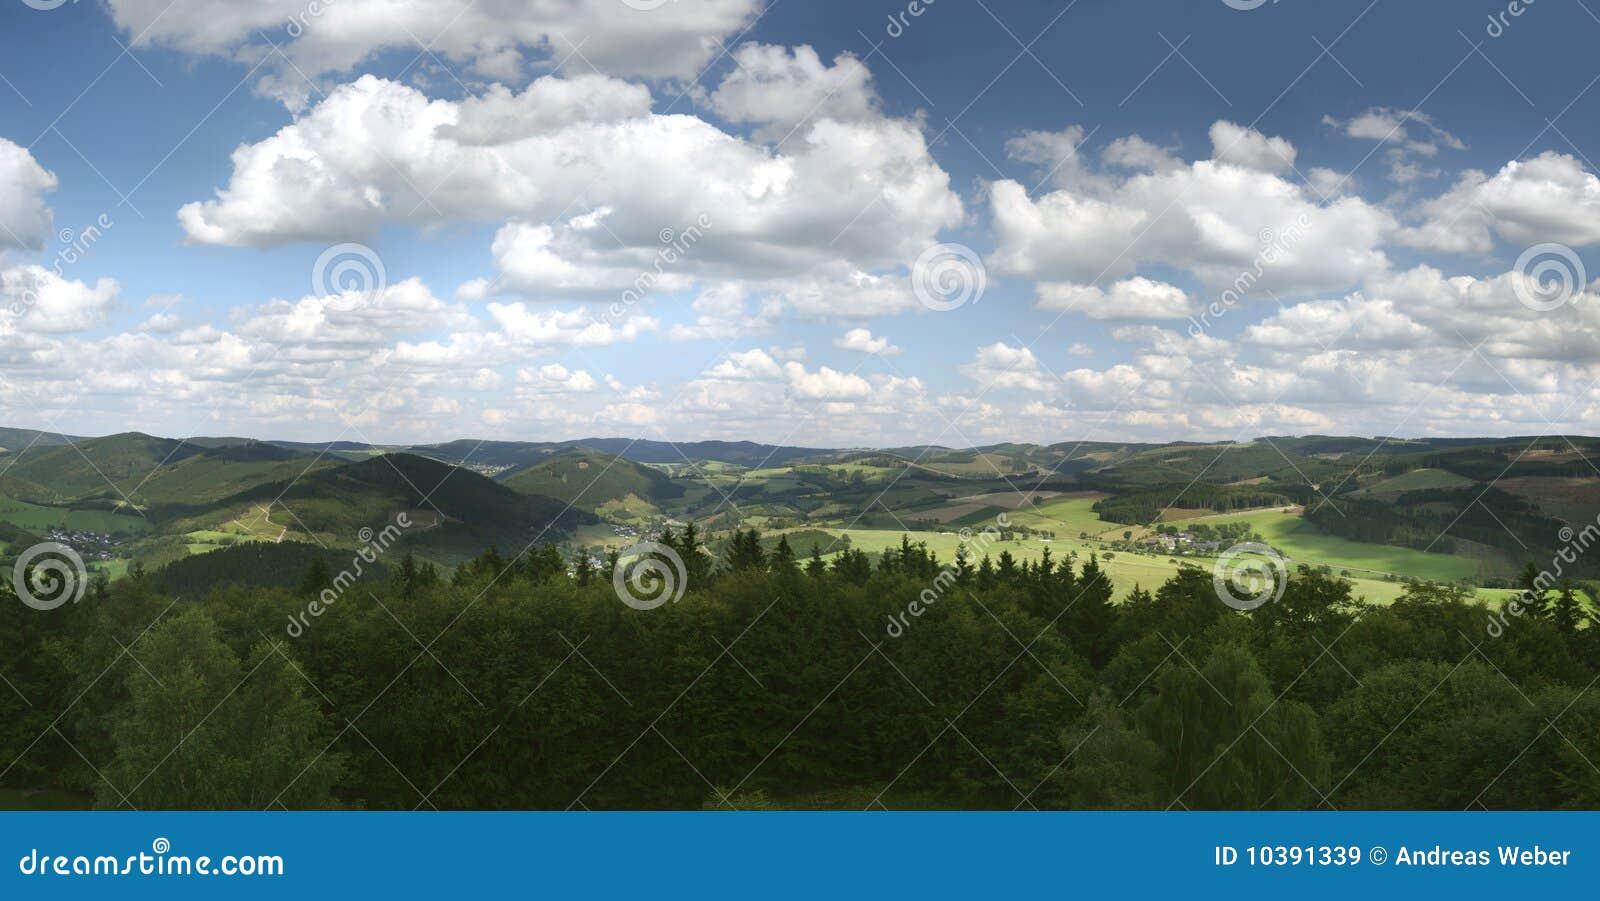 Góry niemiecki sauerland